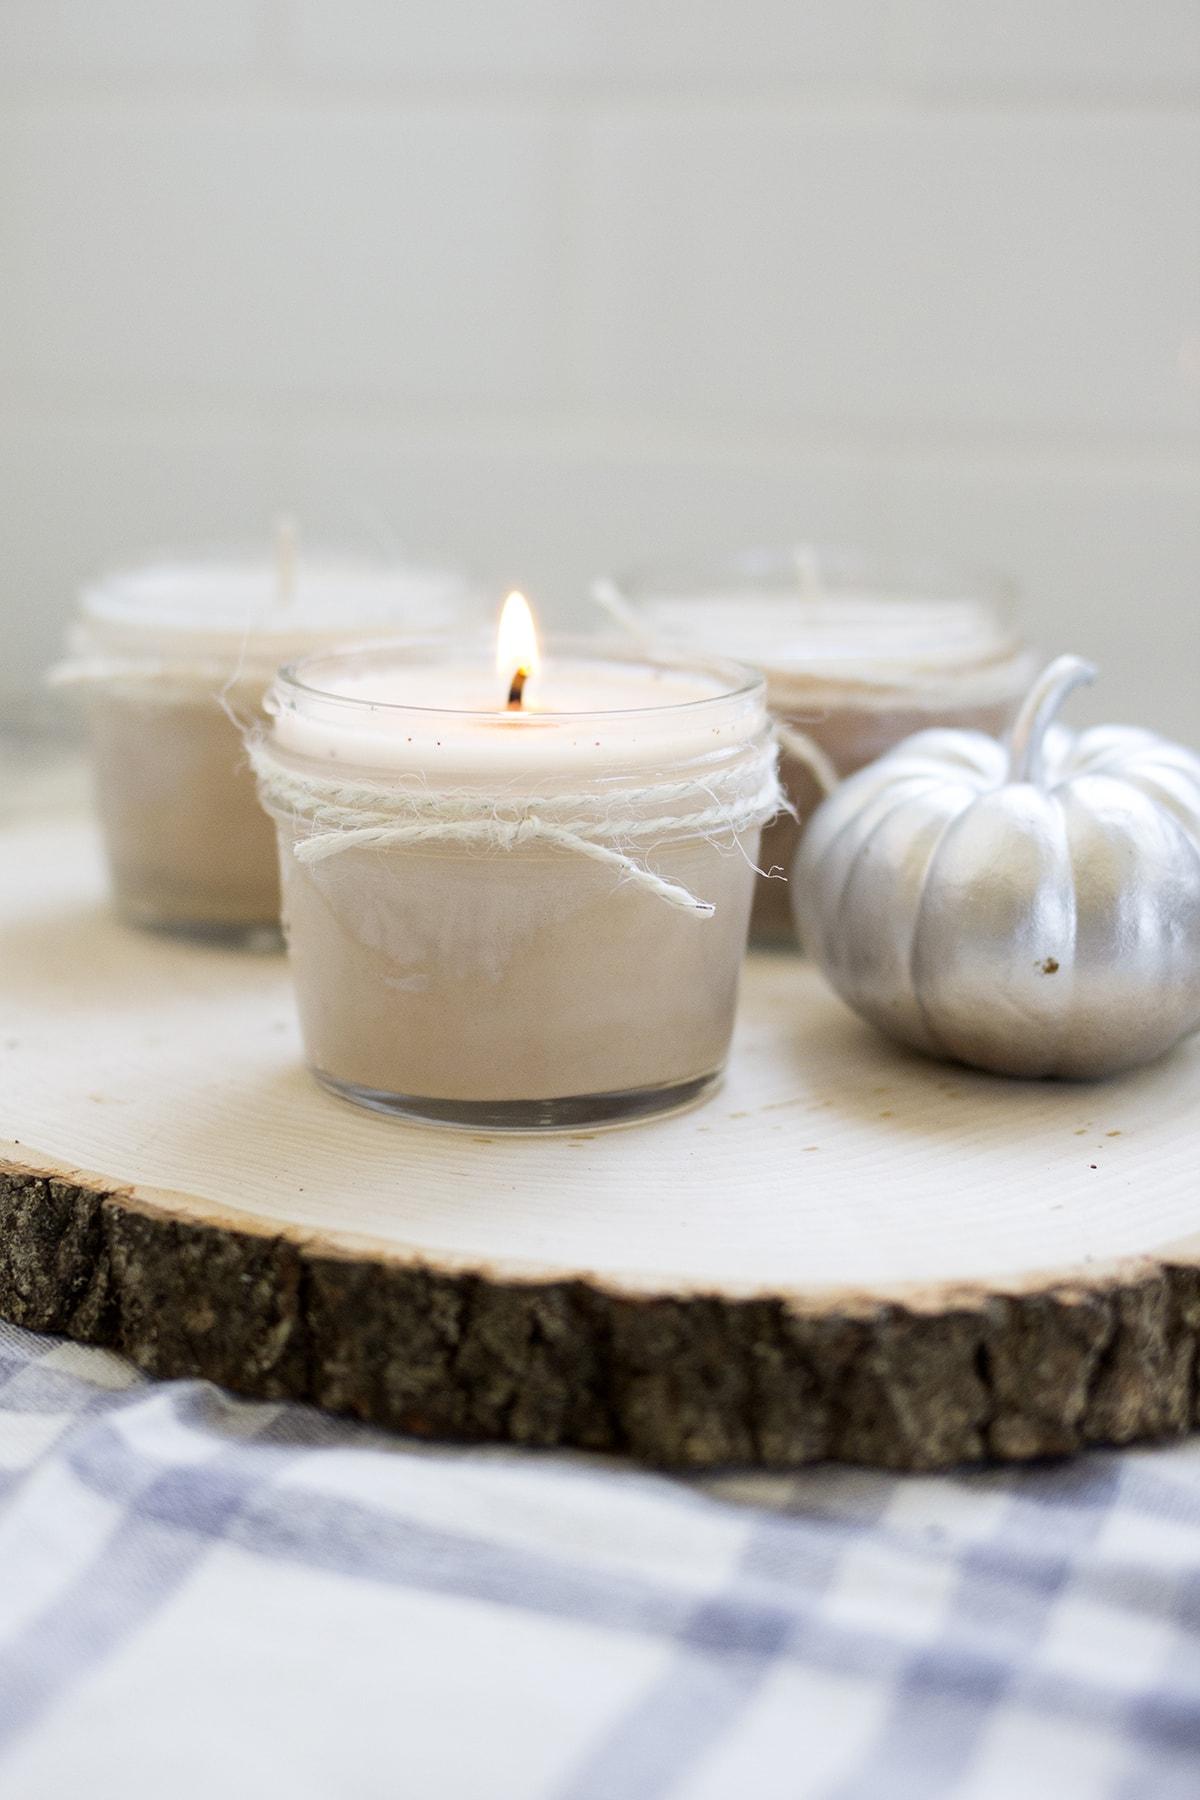 Homemade Pumpkin Spice Candles